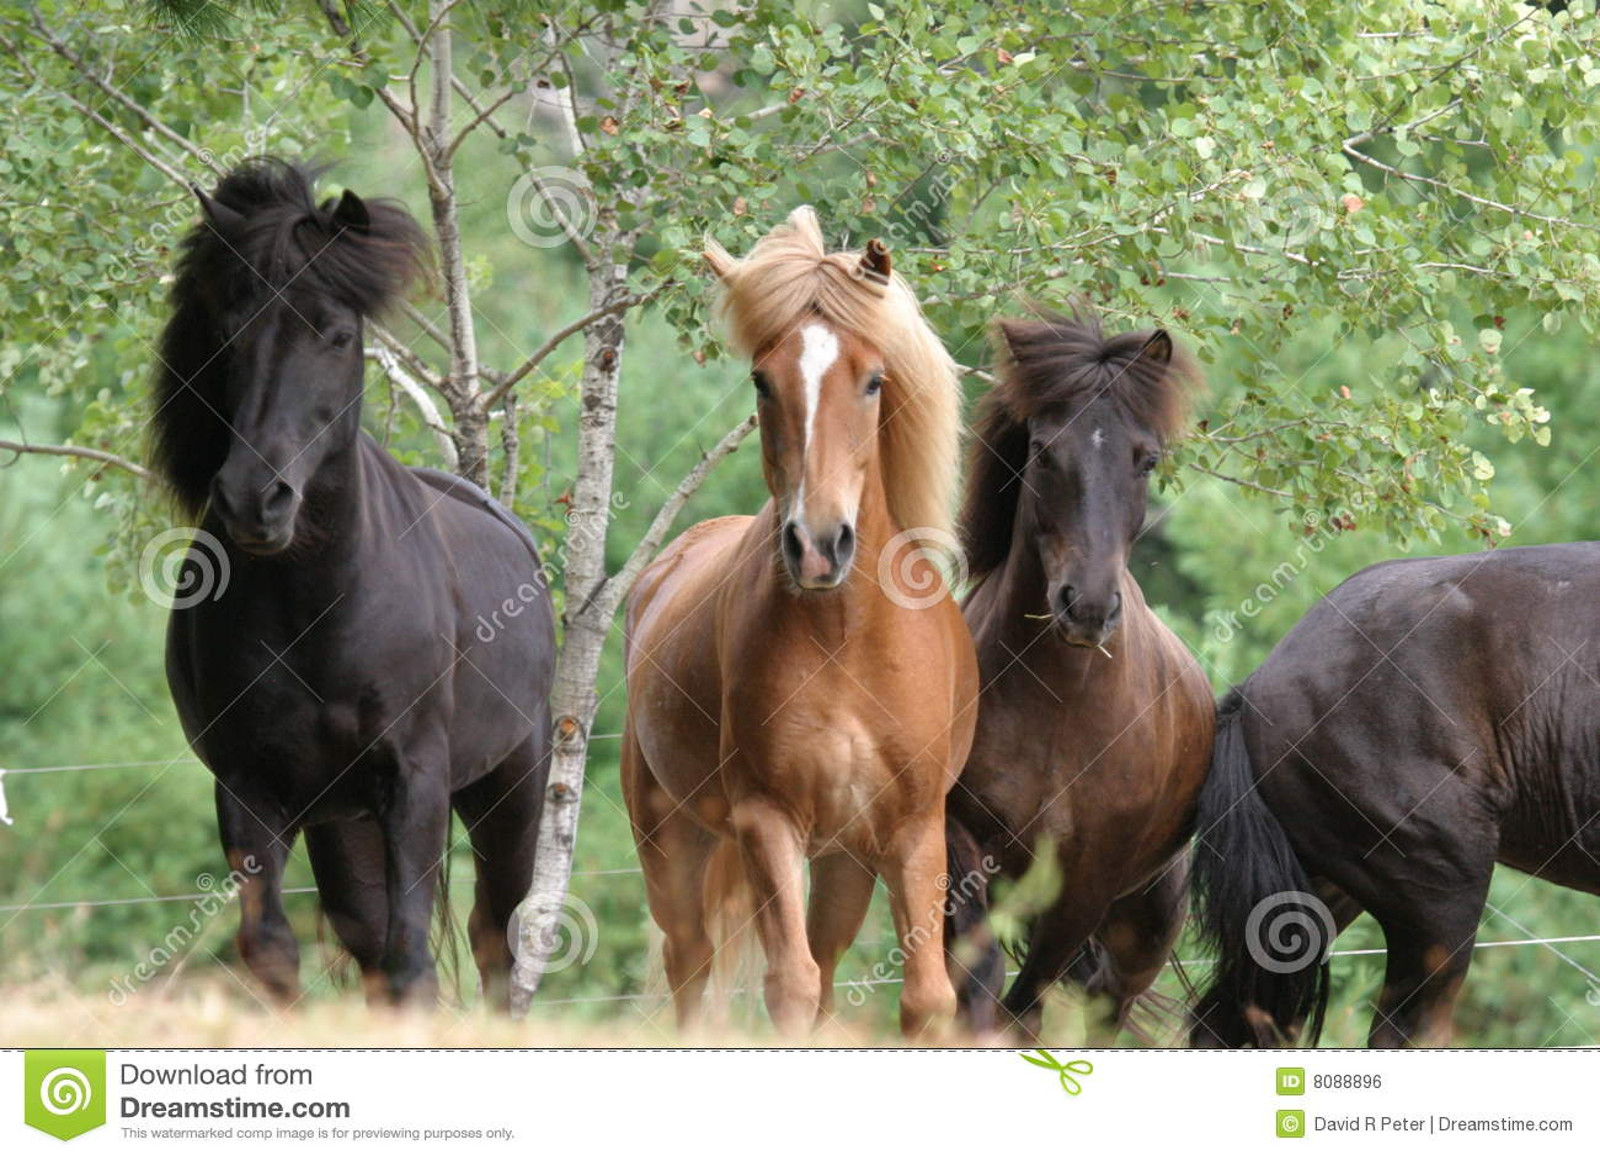 Horses- Icelandic